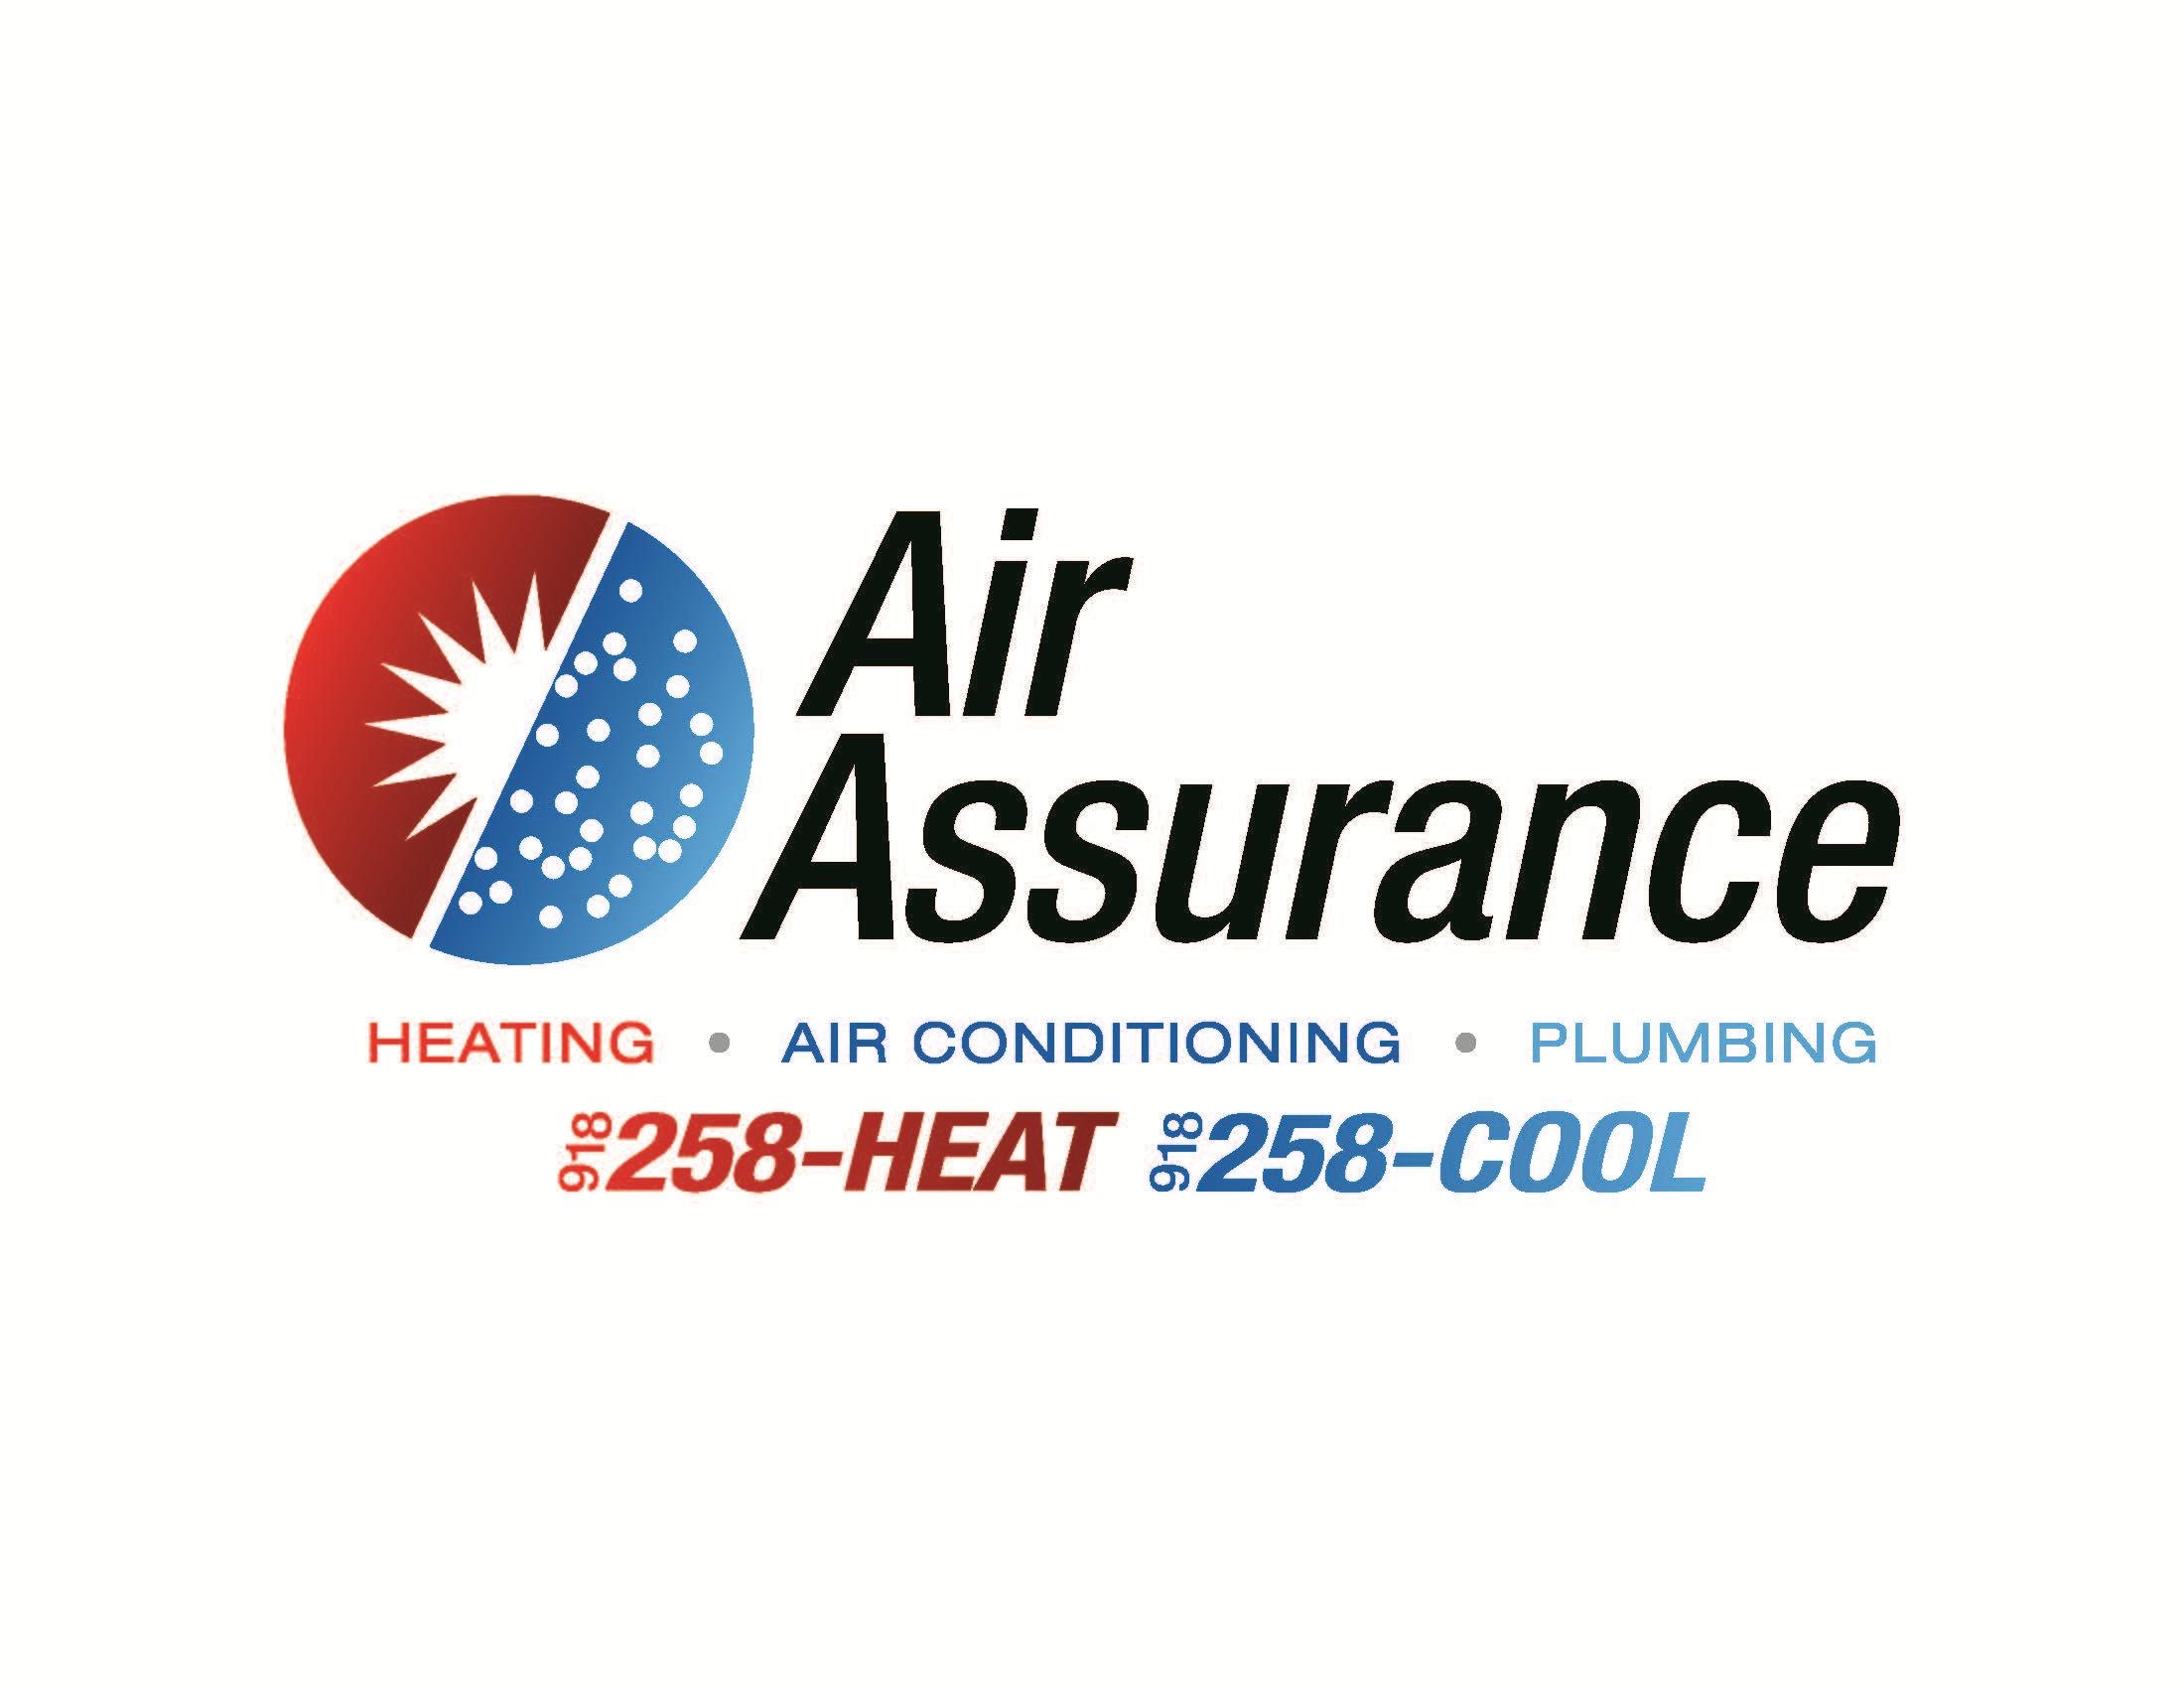 Air Assurance Company Company Logo